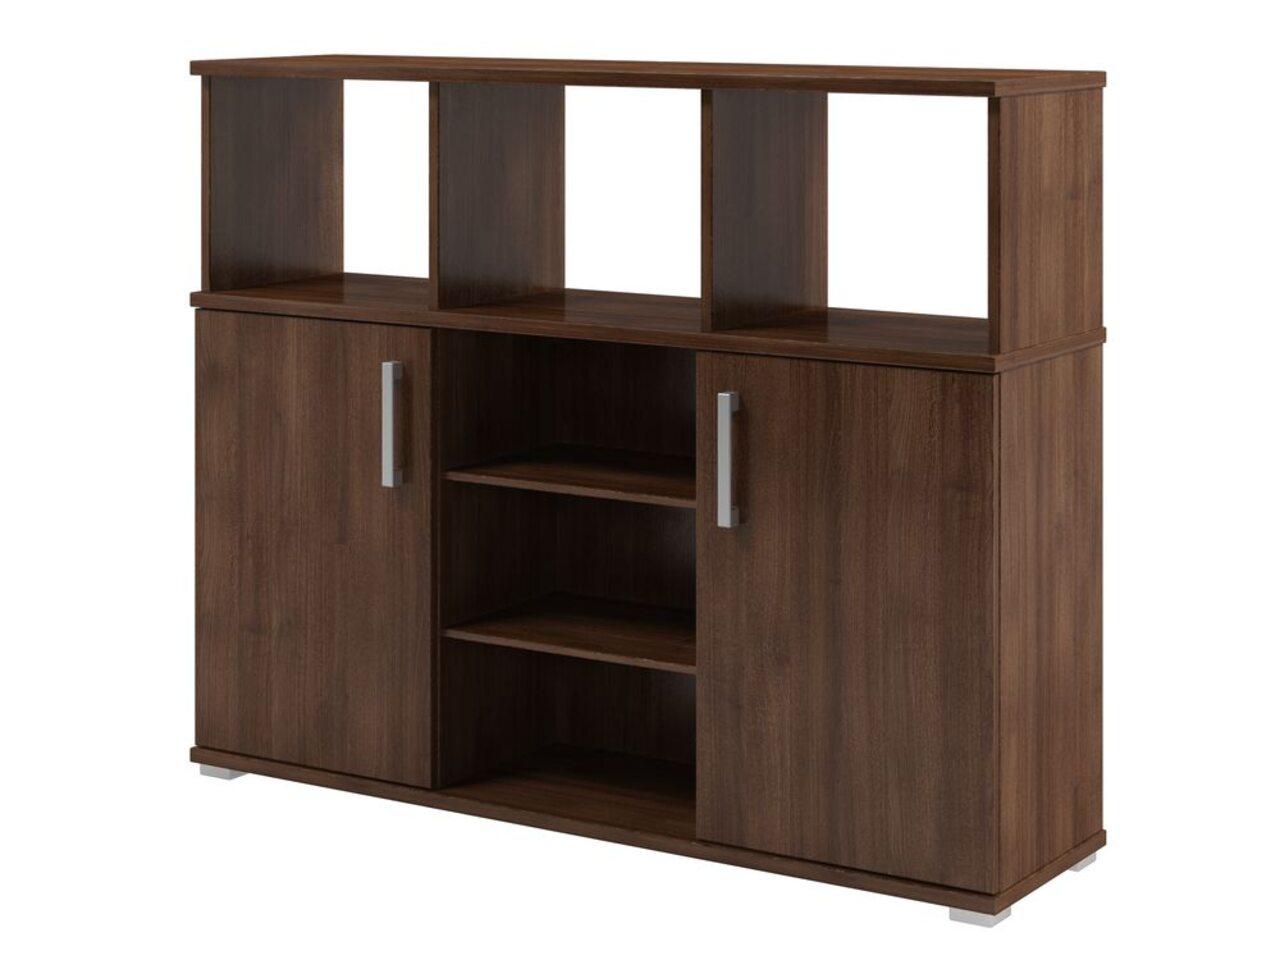 Шкаф приставной к двум столам  Space 134x35x108 - фото 1